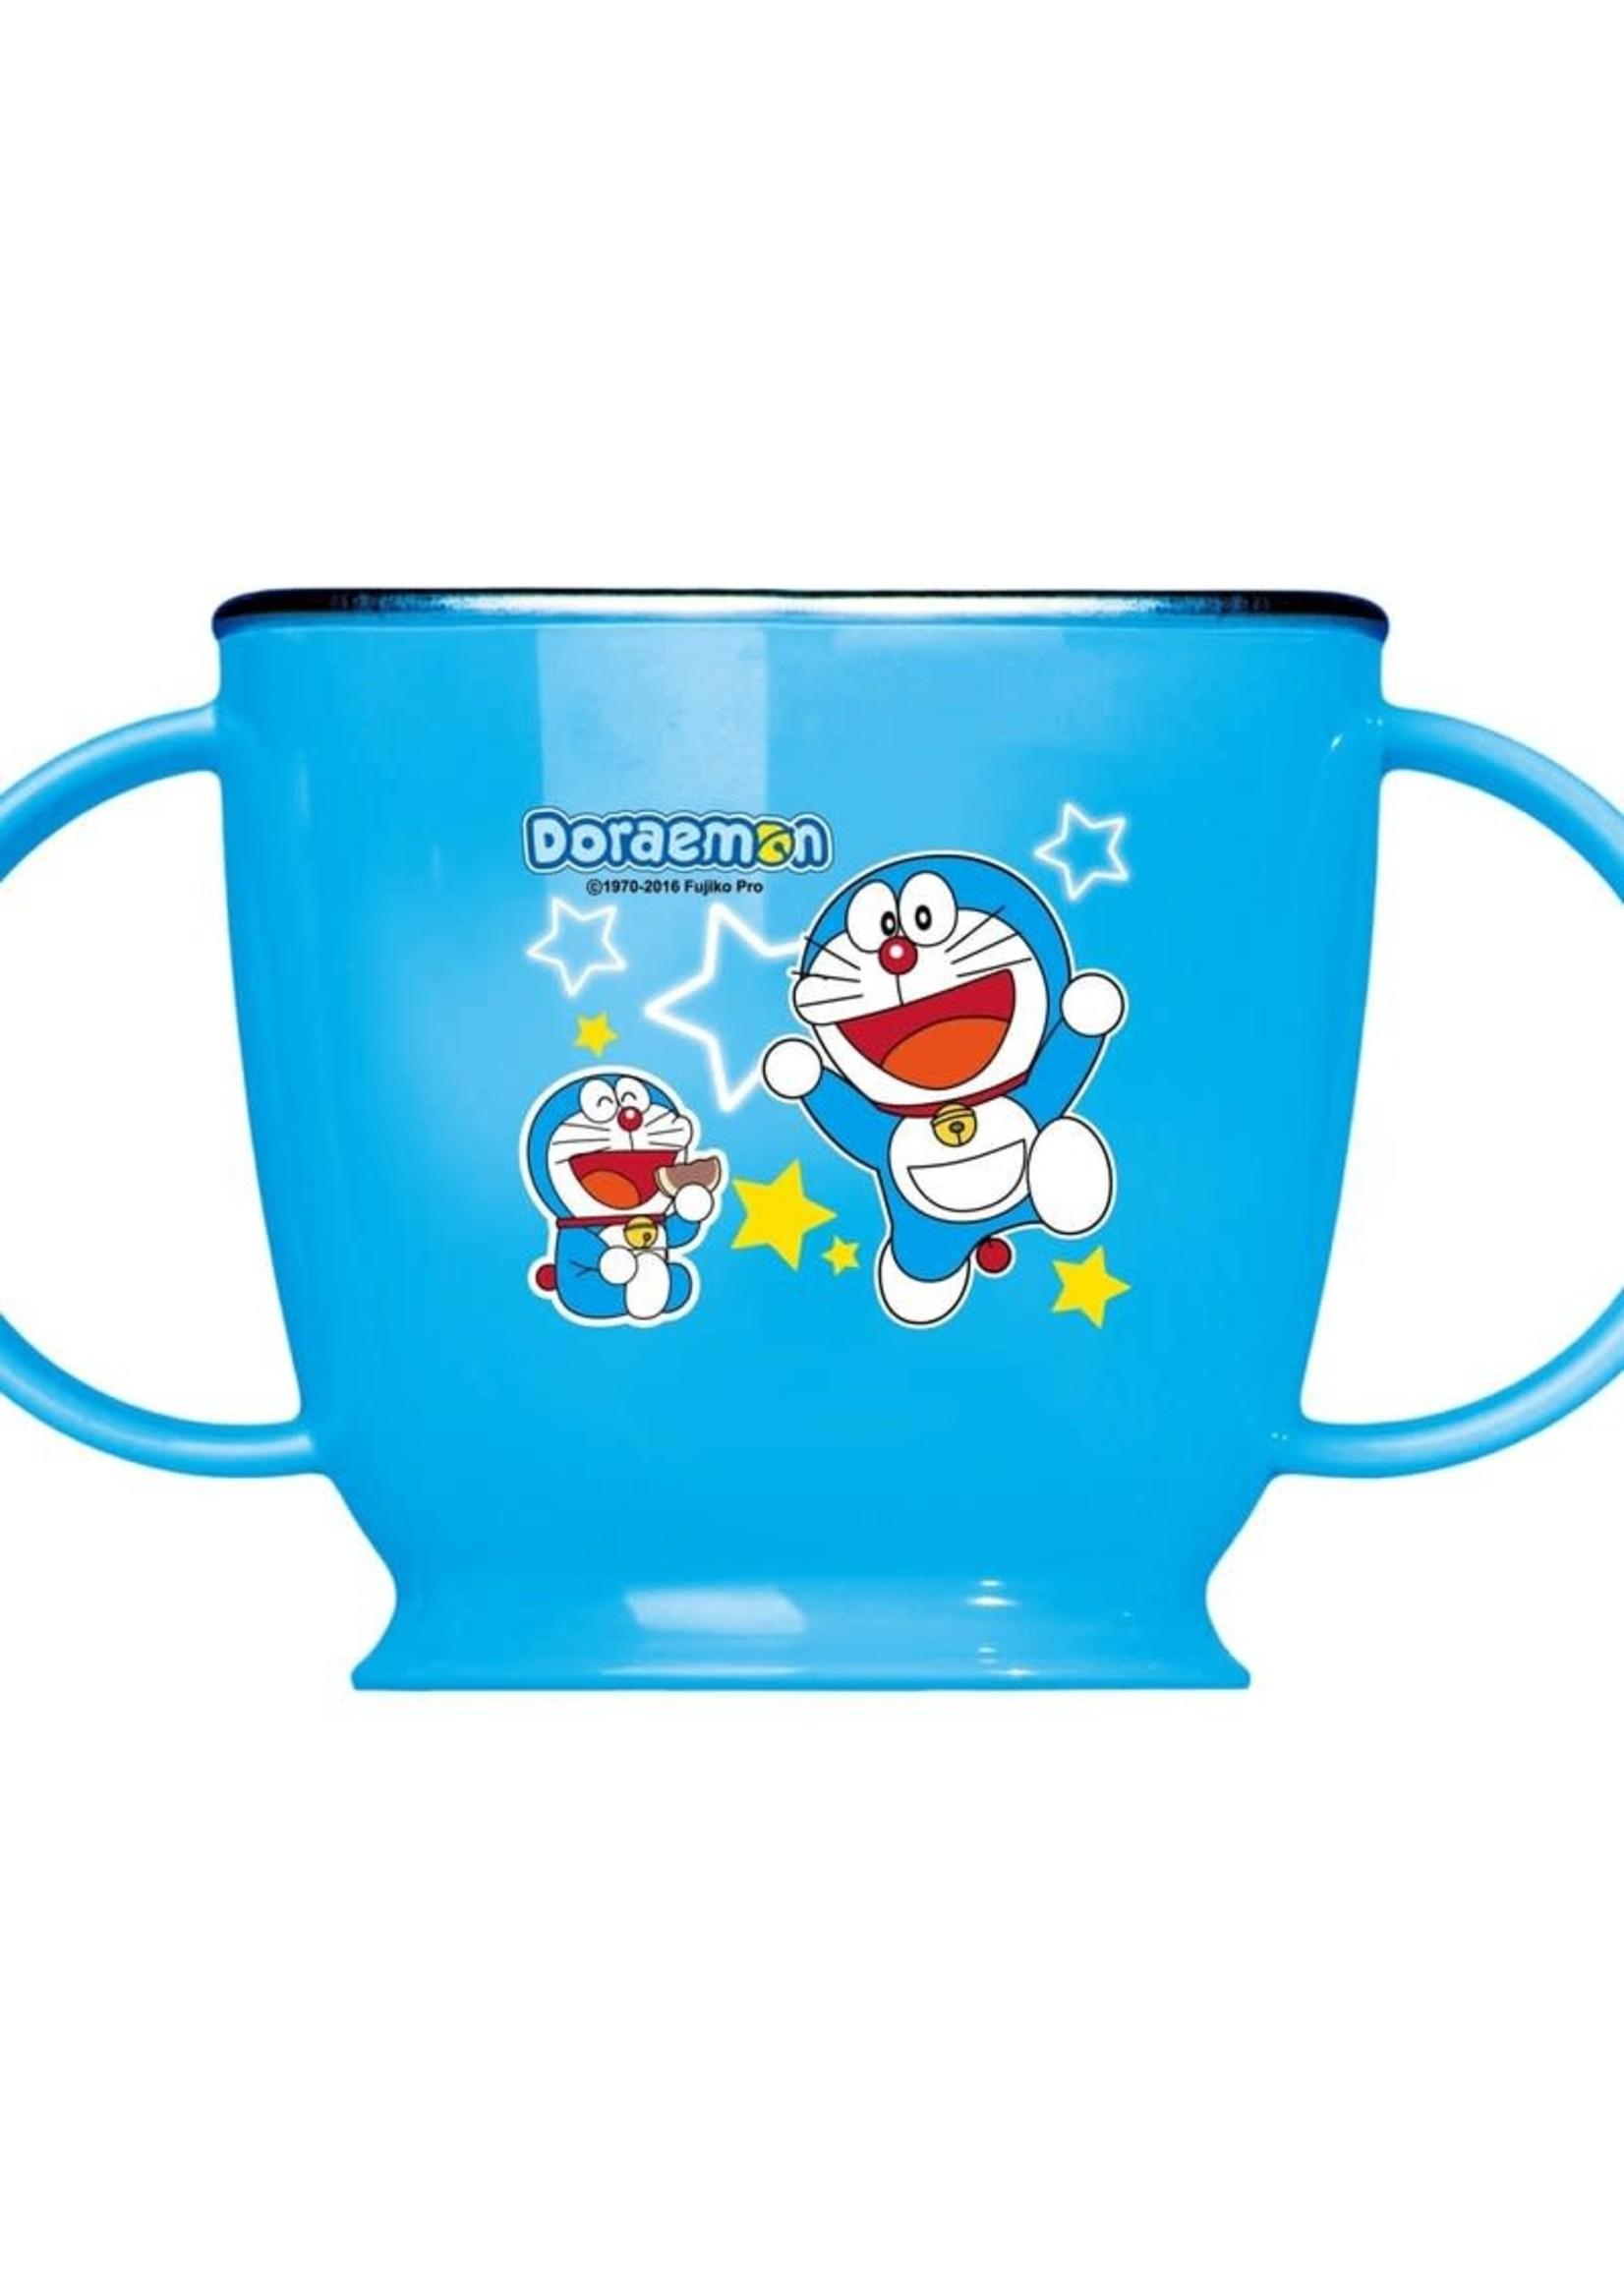 Edison Friends Edison Doraemon Non-Slip Stainless Double Handle Cup